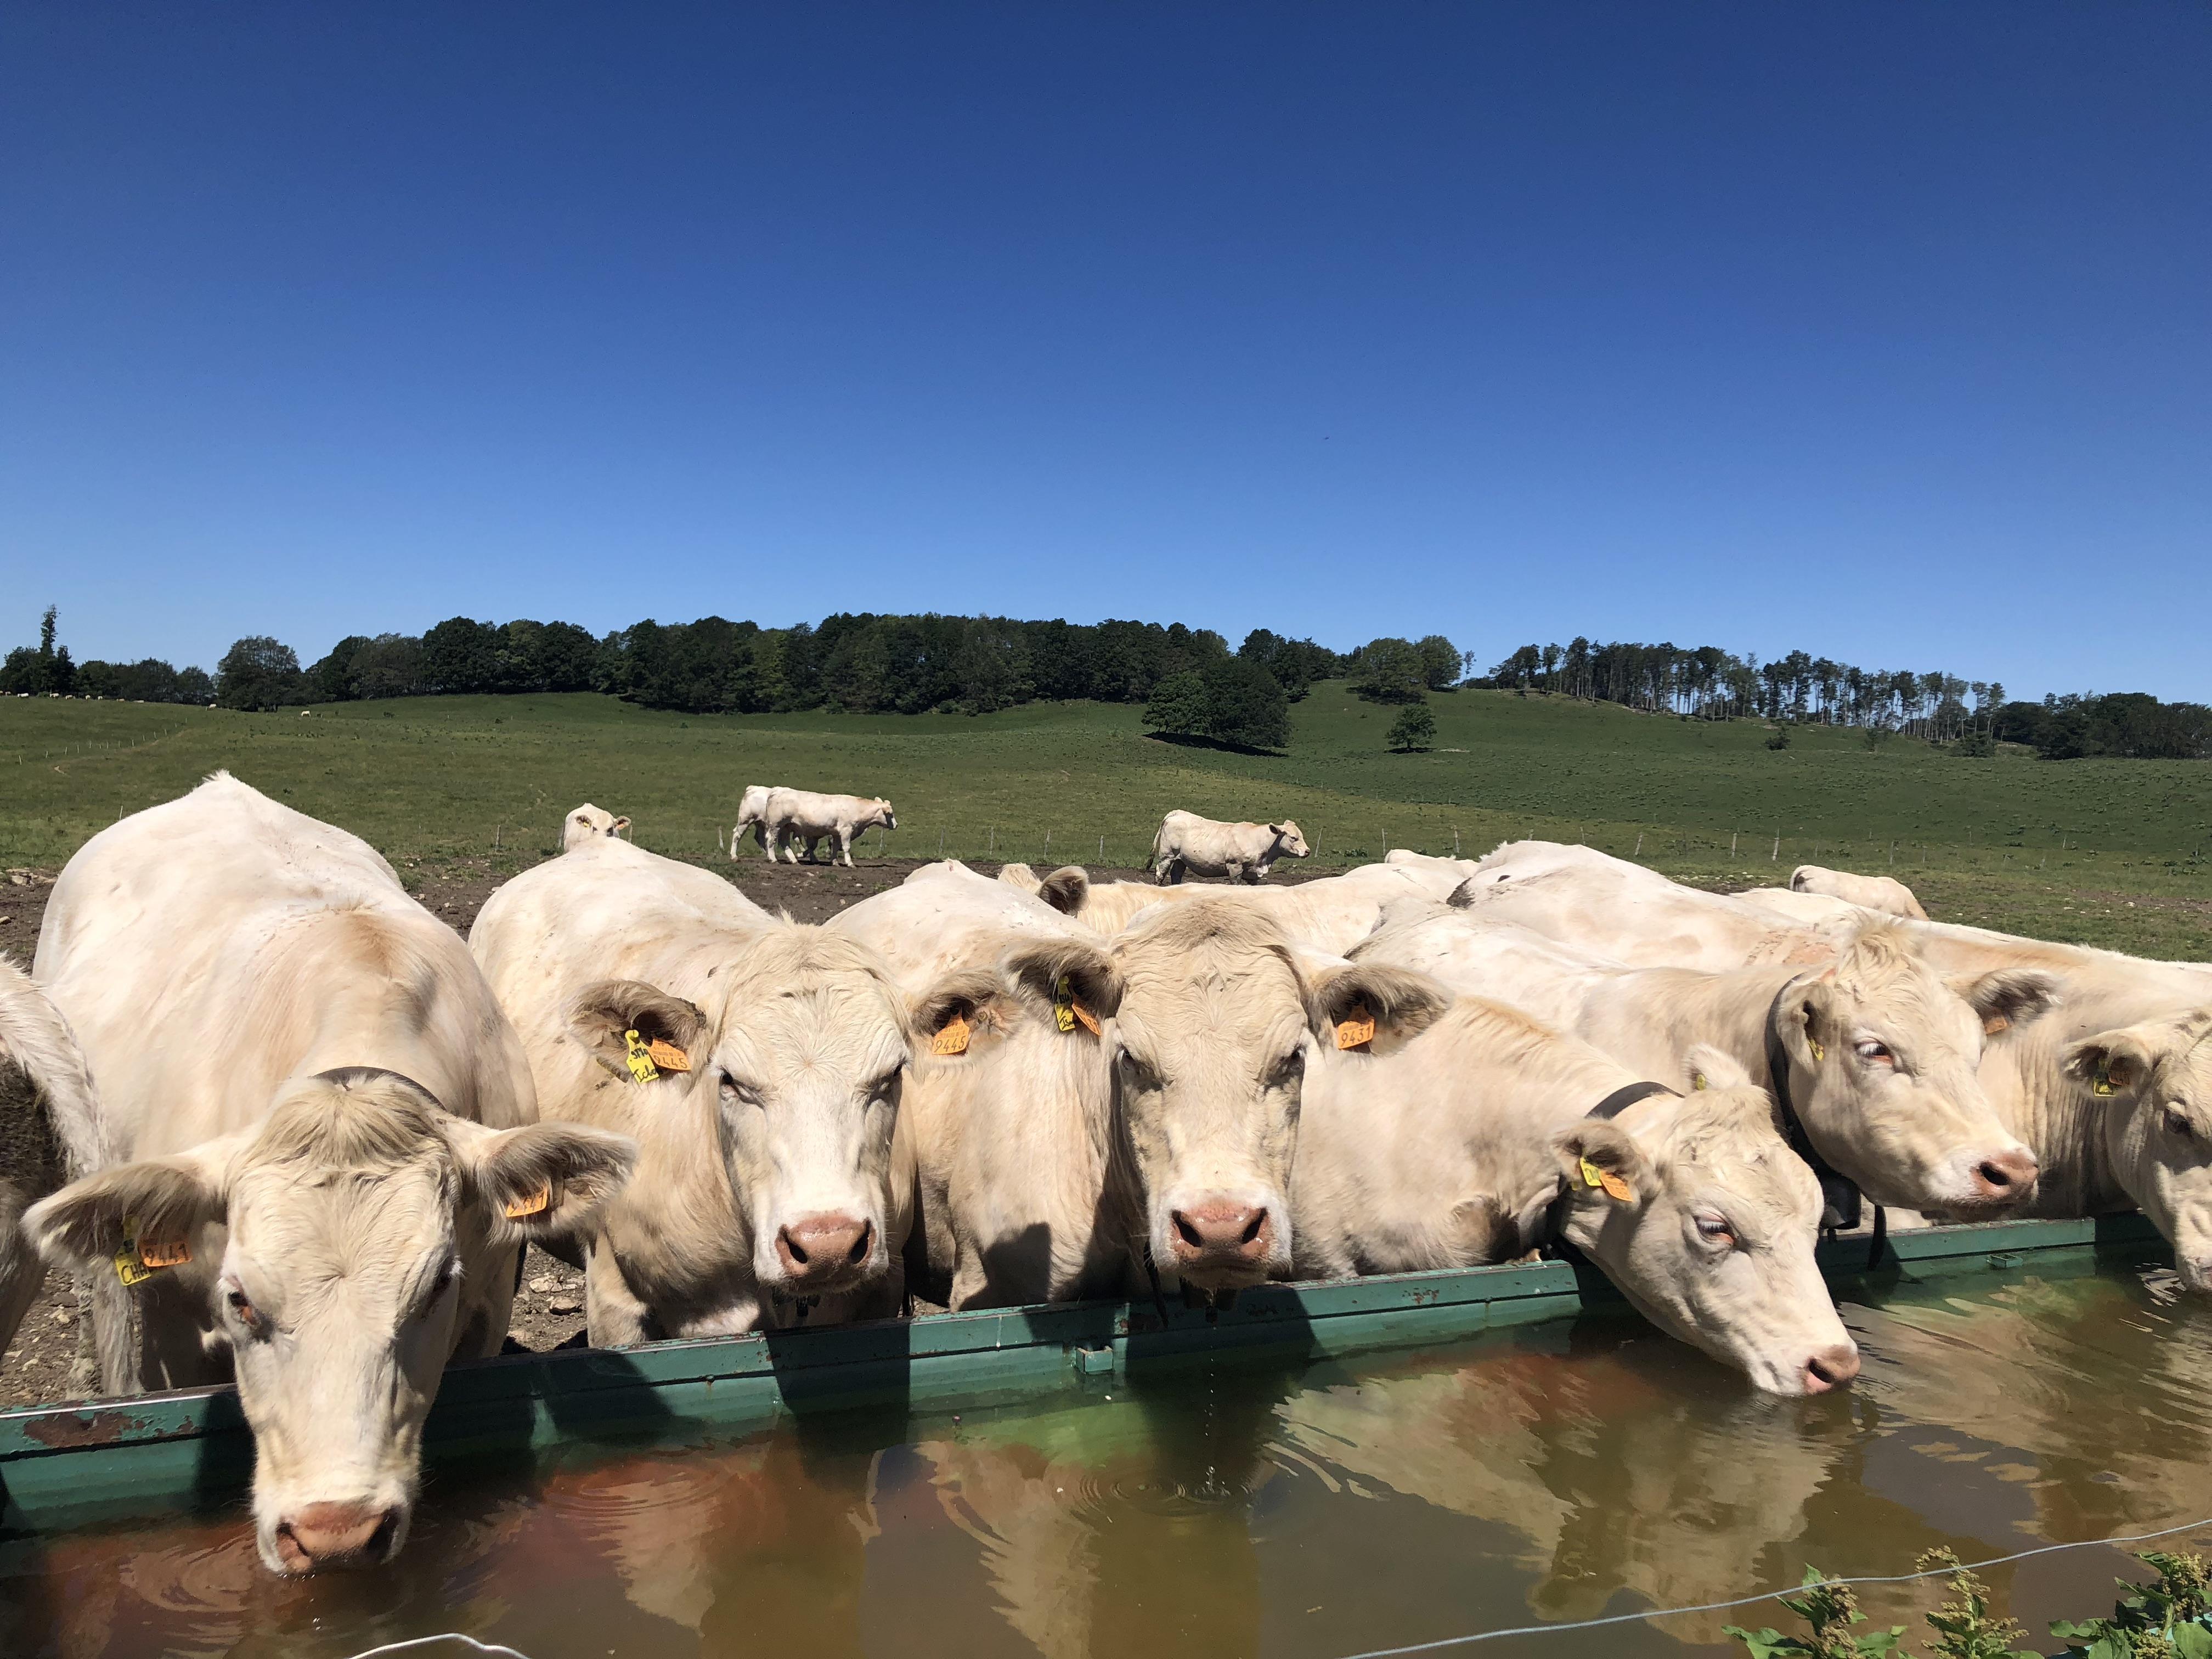 Les vaches laitières sont majoritairement nourries à l'herbe et au foin par chez nous.